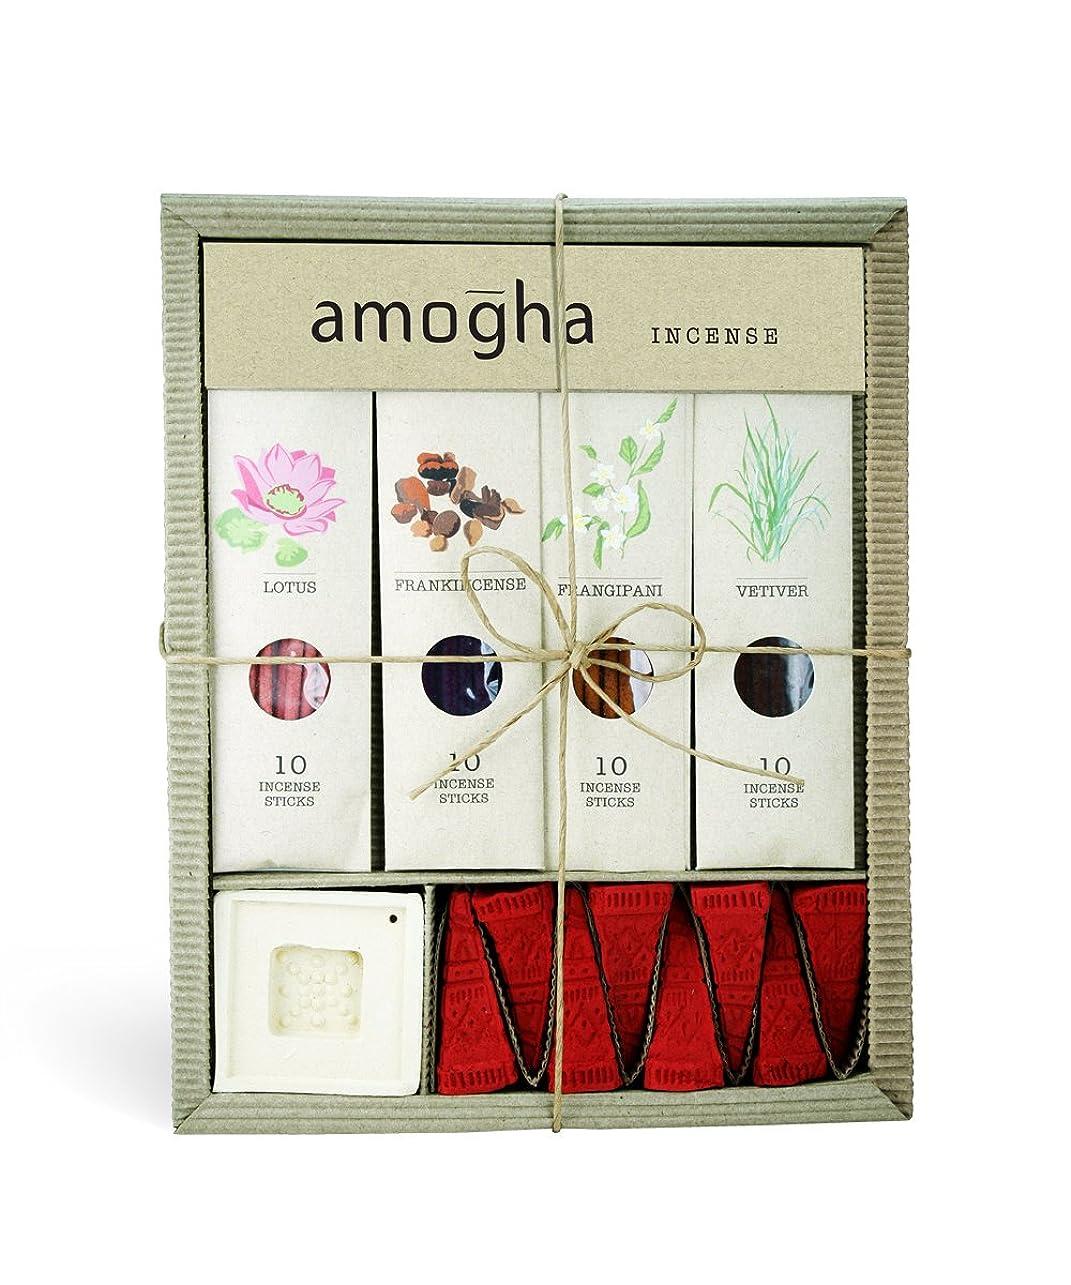 ファイルセマフォ過敏なIris Amogha Incense with 10 Sticks - Lotus, Frankincense, Frangipani & Vetiver Gift Set